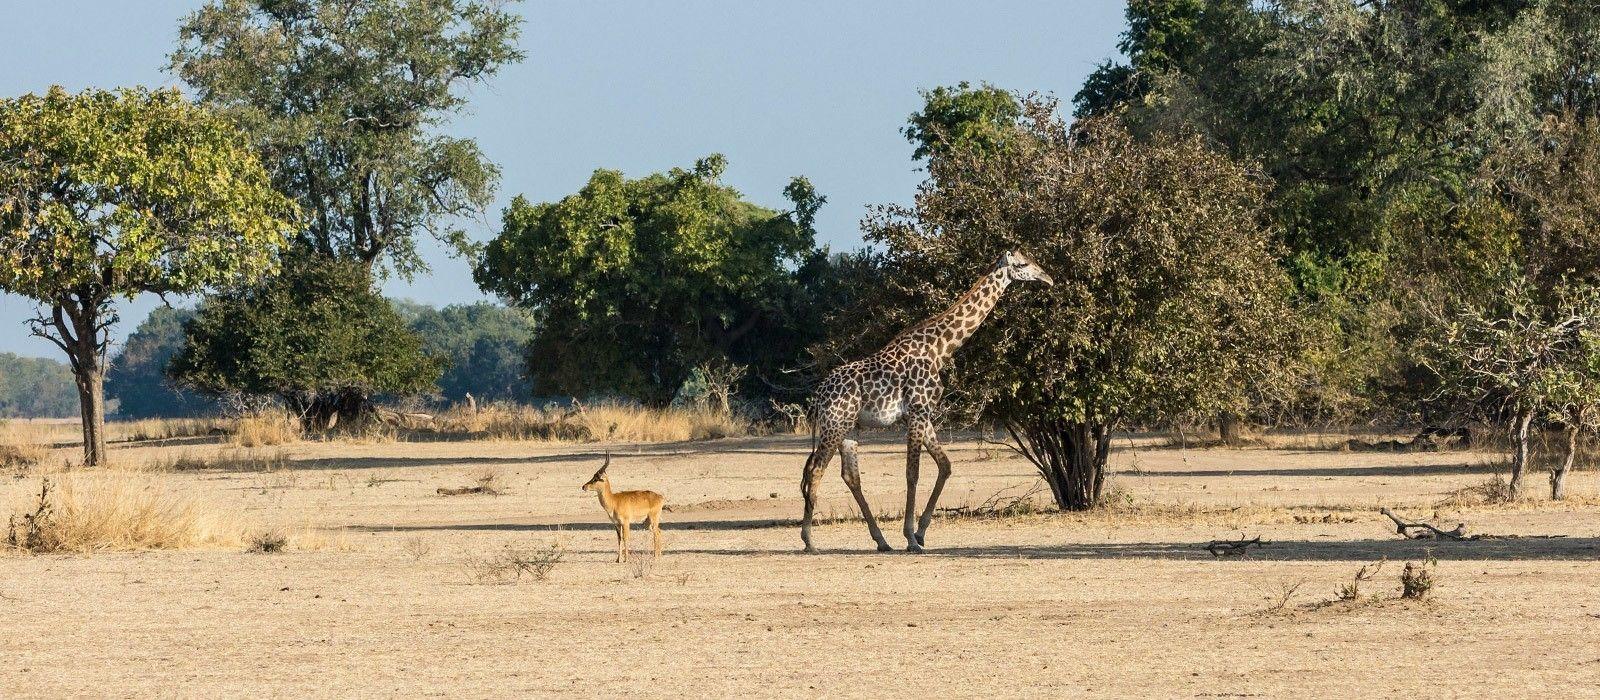 Auf Safari durch Sambia – weite Landschaften & wilde Tierwelt Urlaub 2